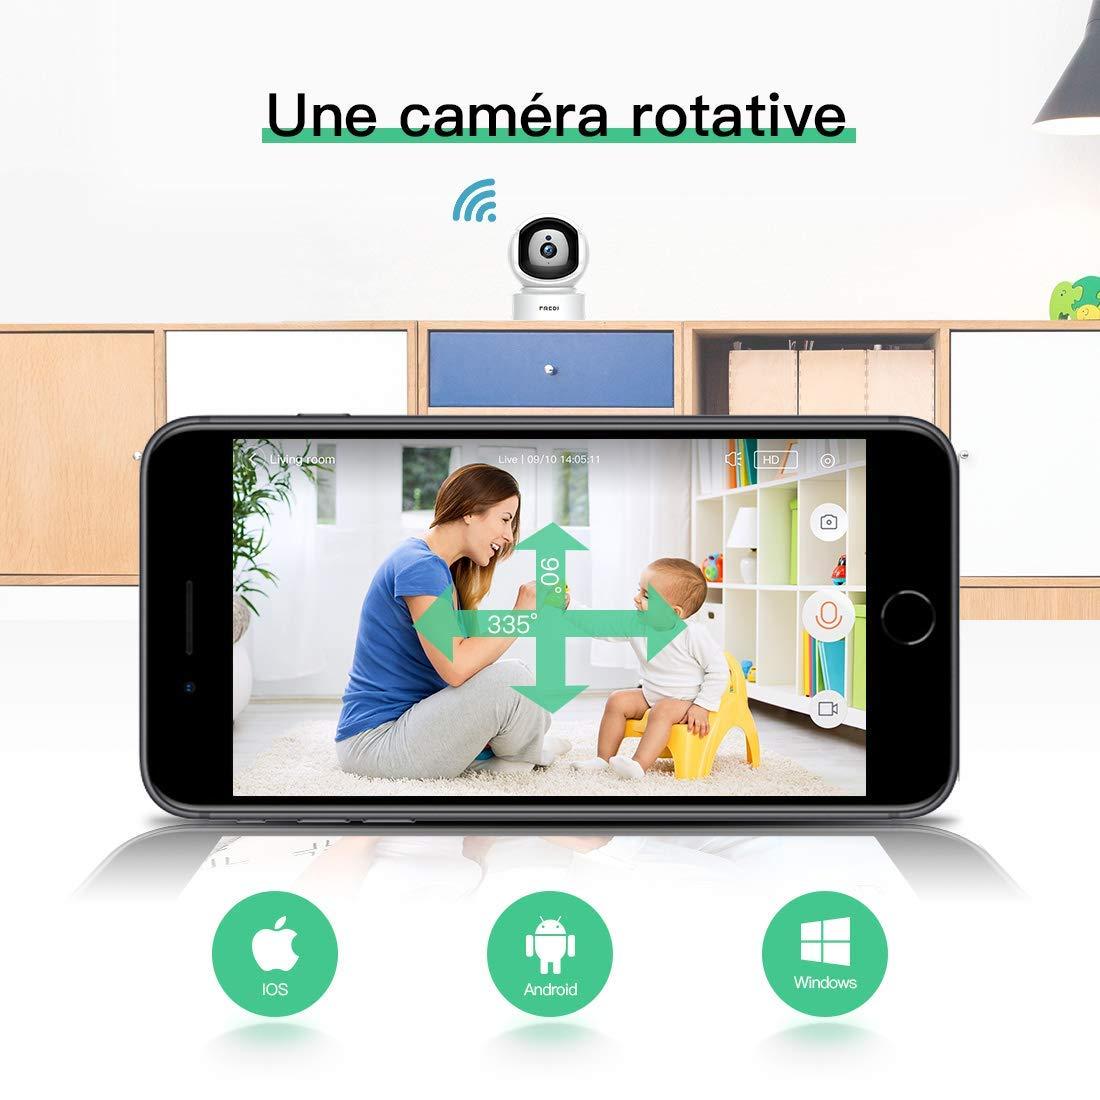 Pas Nouvelle WiFi sans Fil Cam/éra de Surveillance,1080P IP Camera S/écurit/é avec Vision Nocturne Motion Detection Systeme pour Maison Bureau